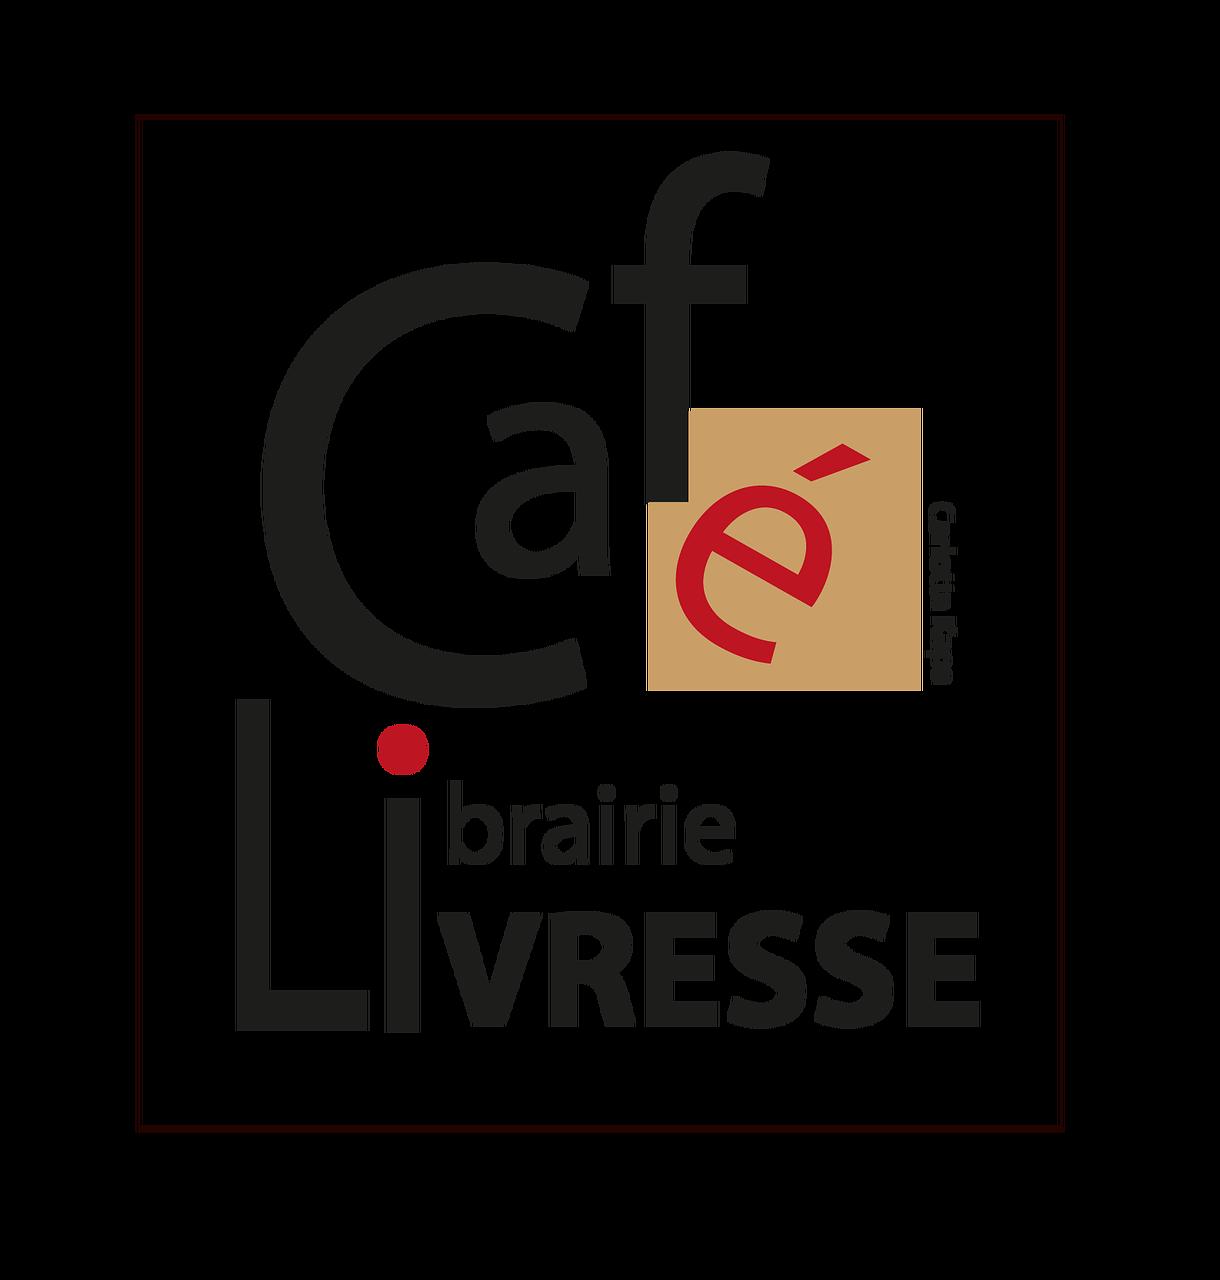 logo+Livresse+seul+-+Copie